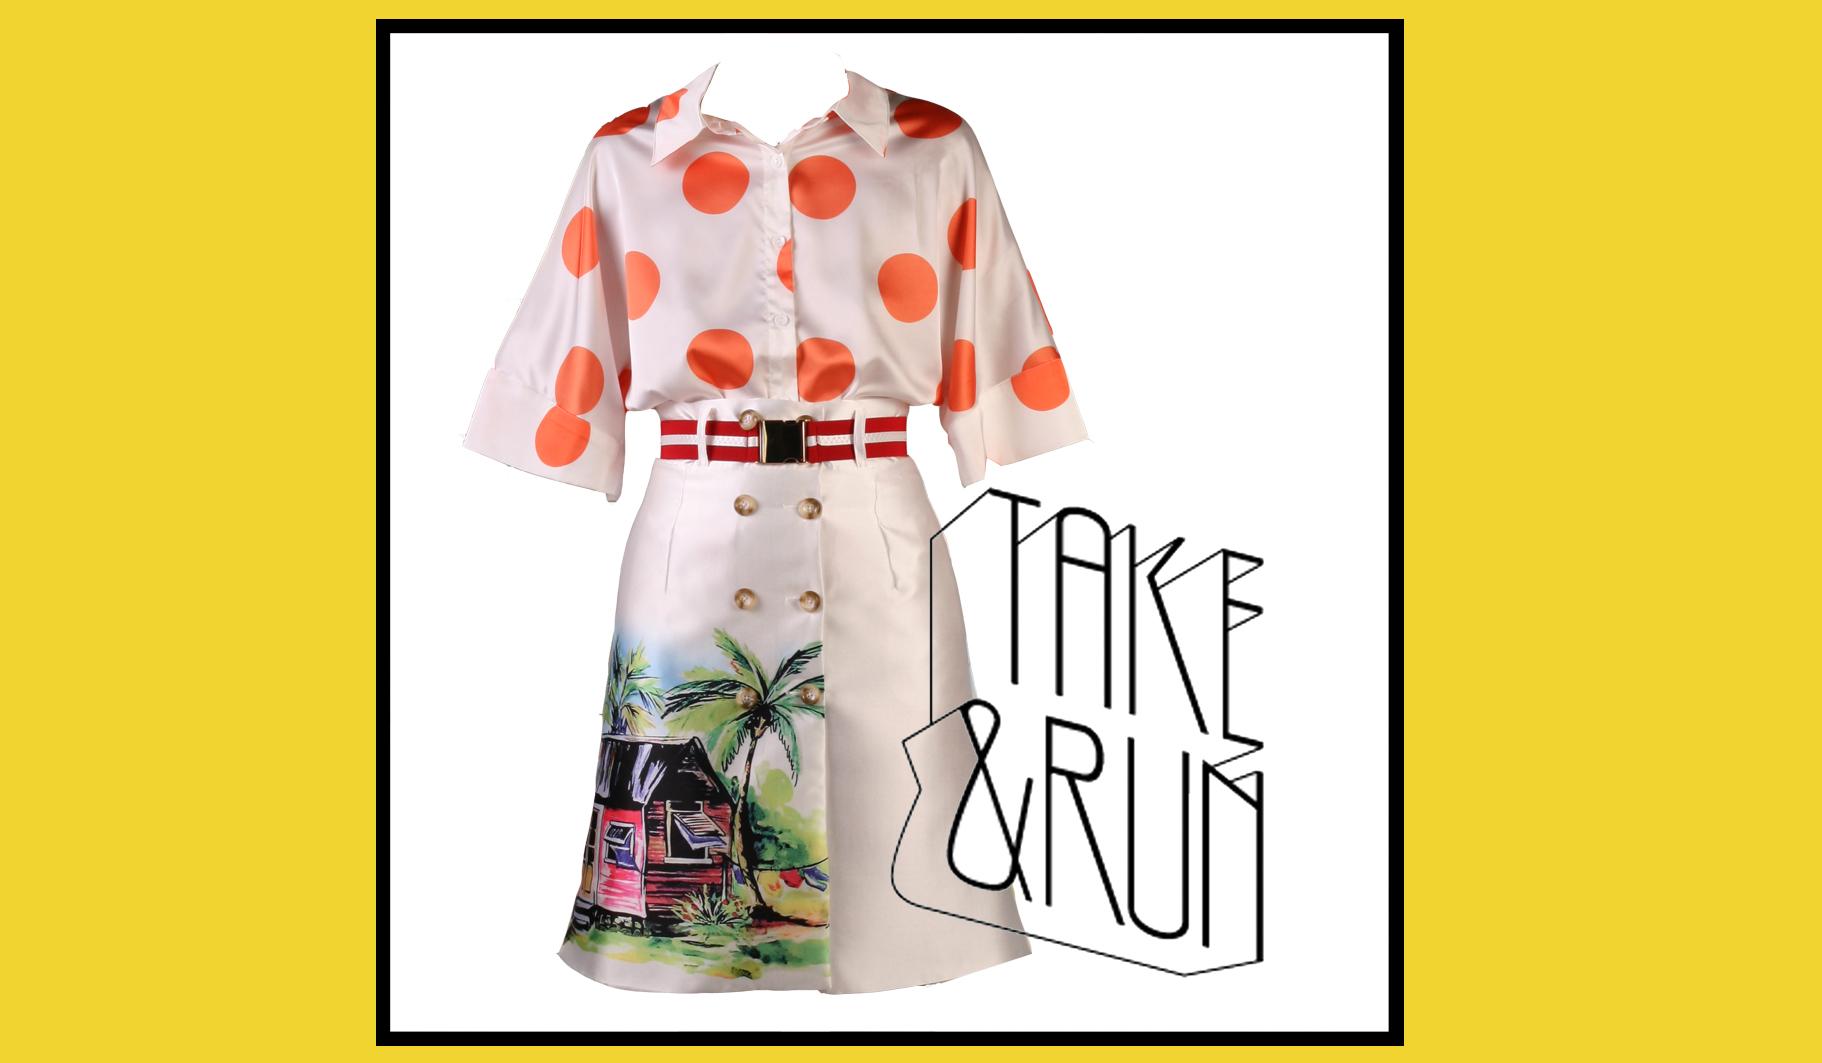 Съемки коллекции Бюро креативной одежды TAKE&RUN